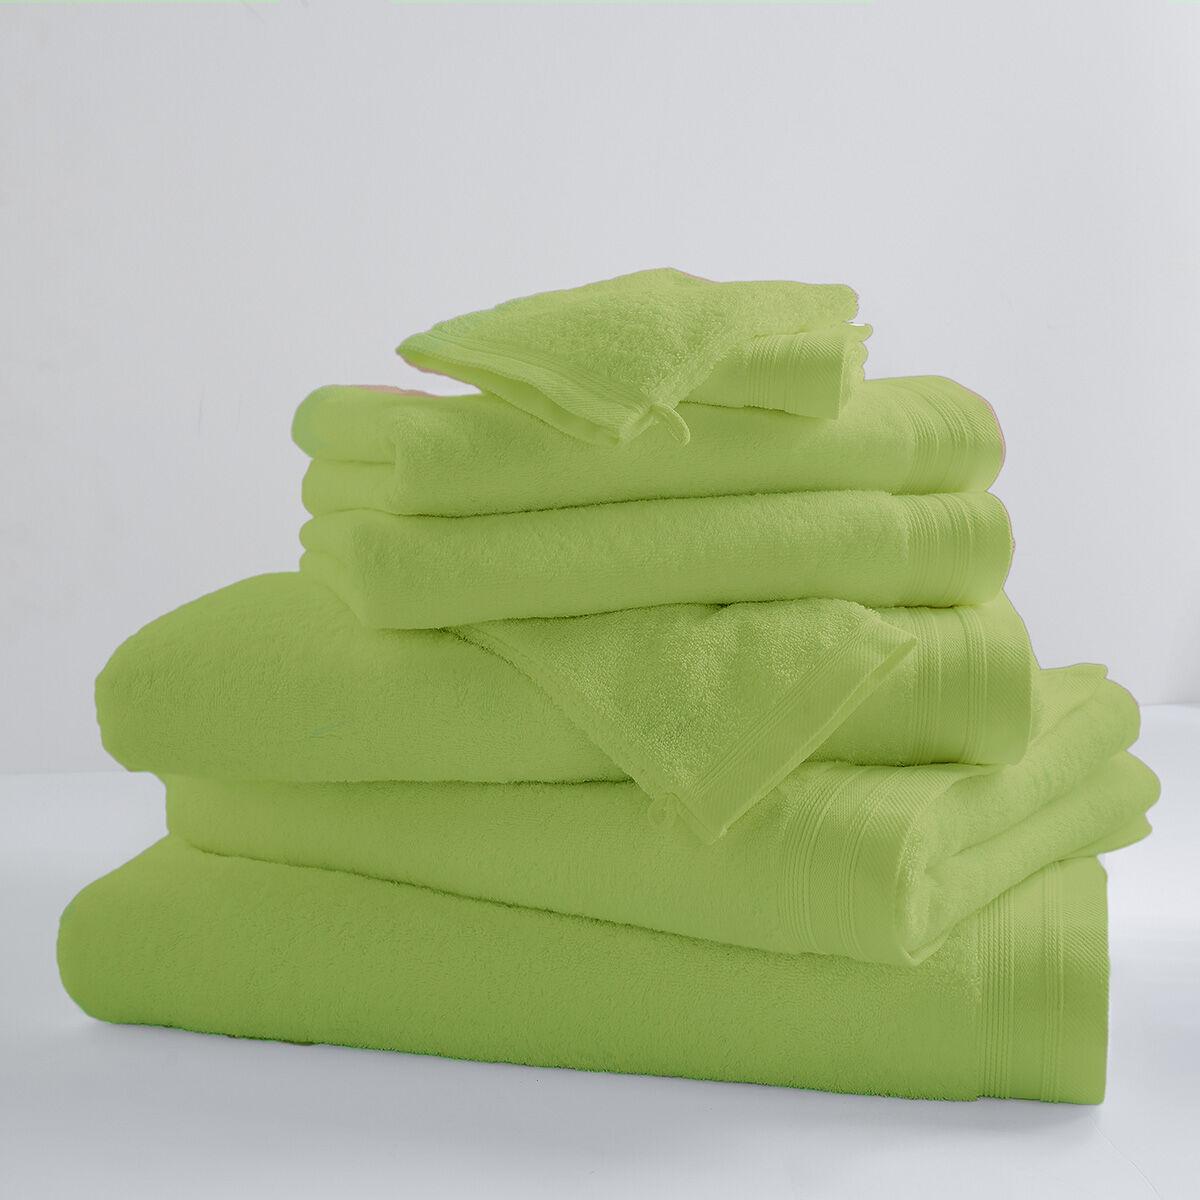 Home Bain Drap de bain uni et coloré coton mojito 150x100